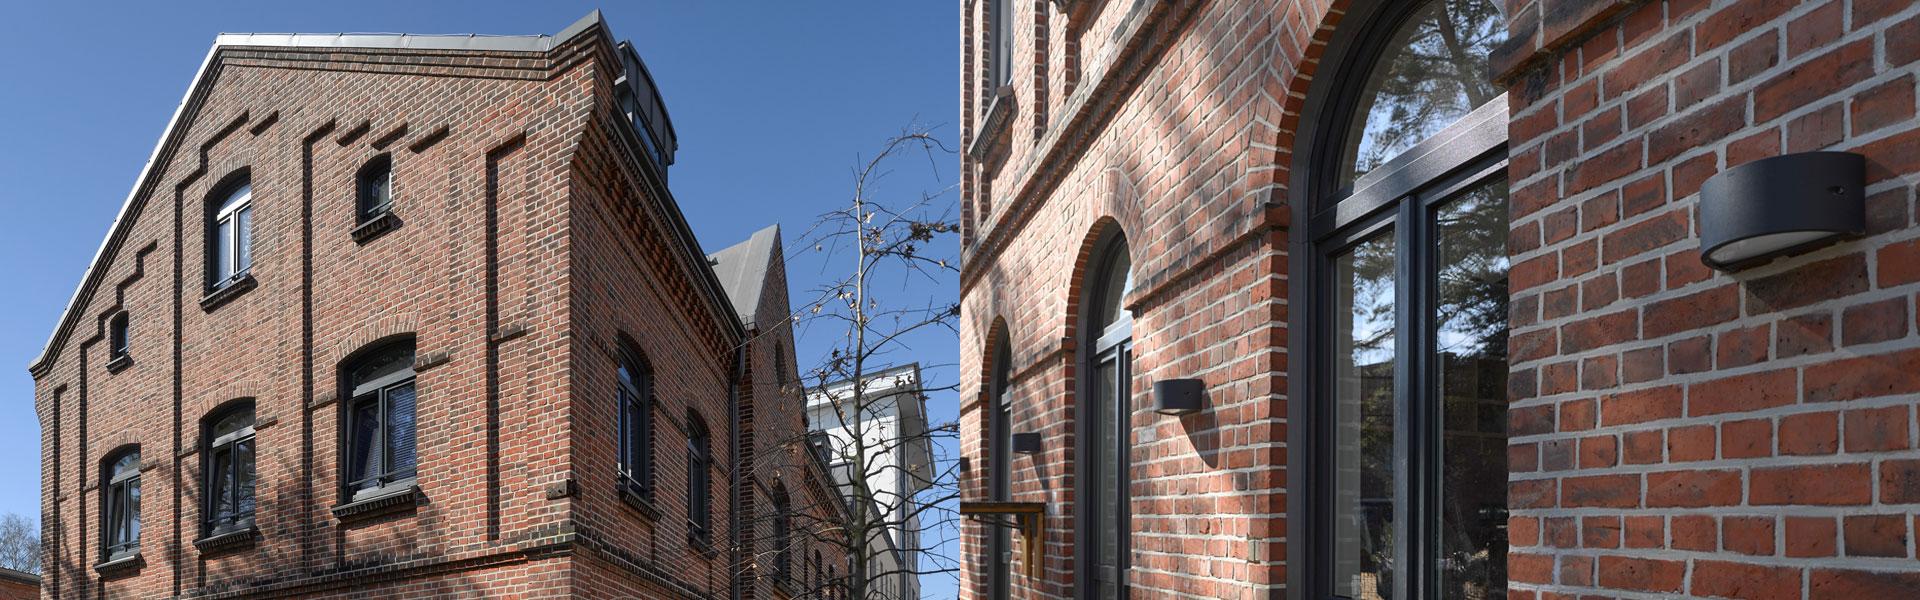 Kita marzipanfabrik fotos dominik reipka - Architektur werk ...